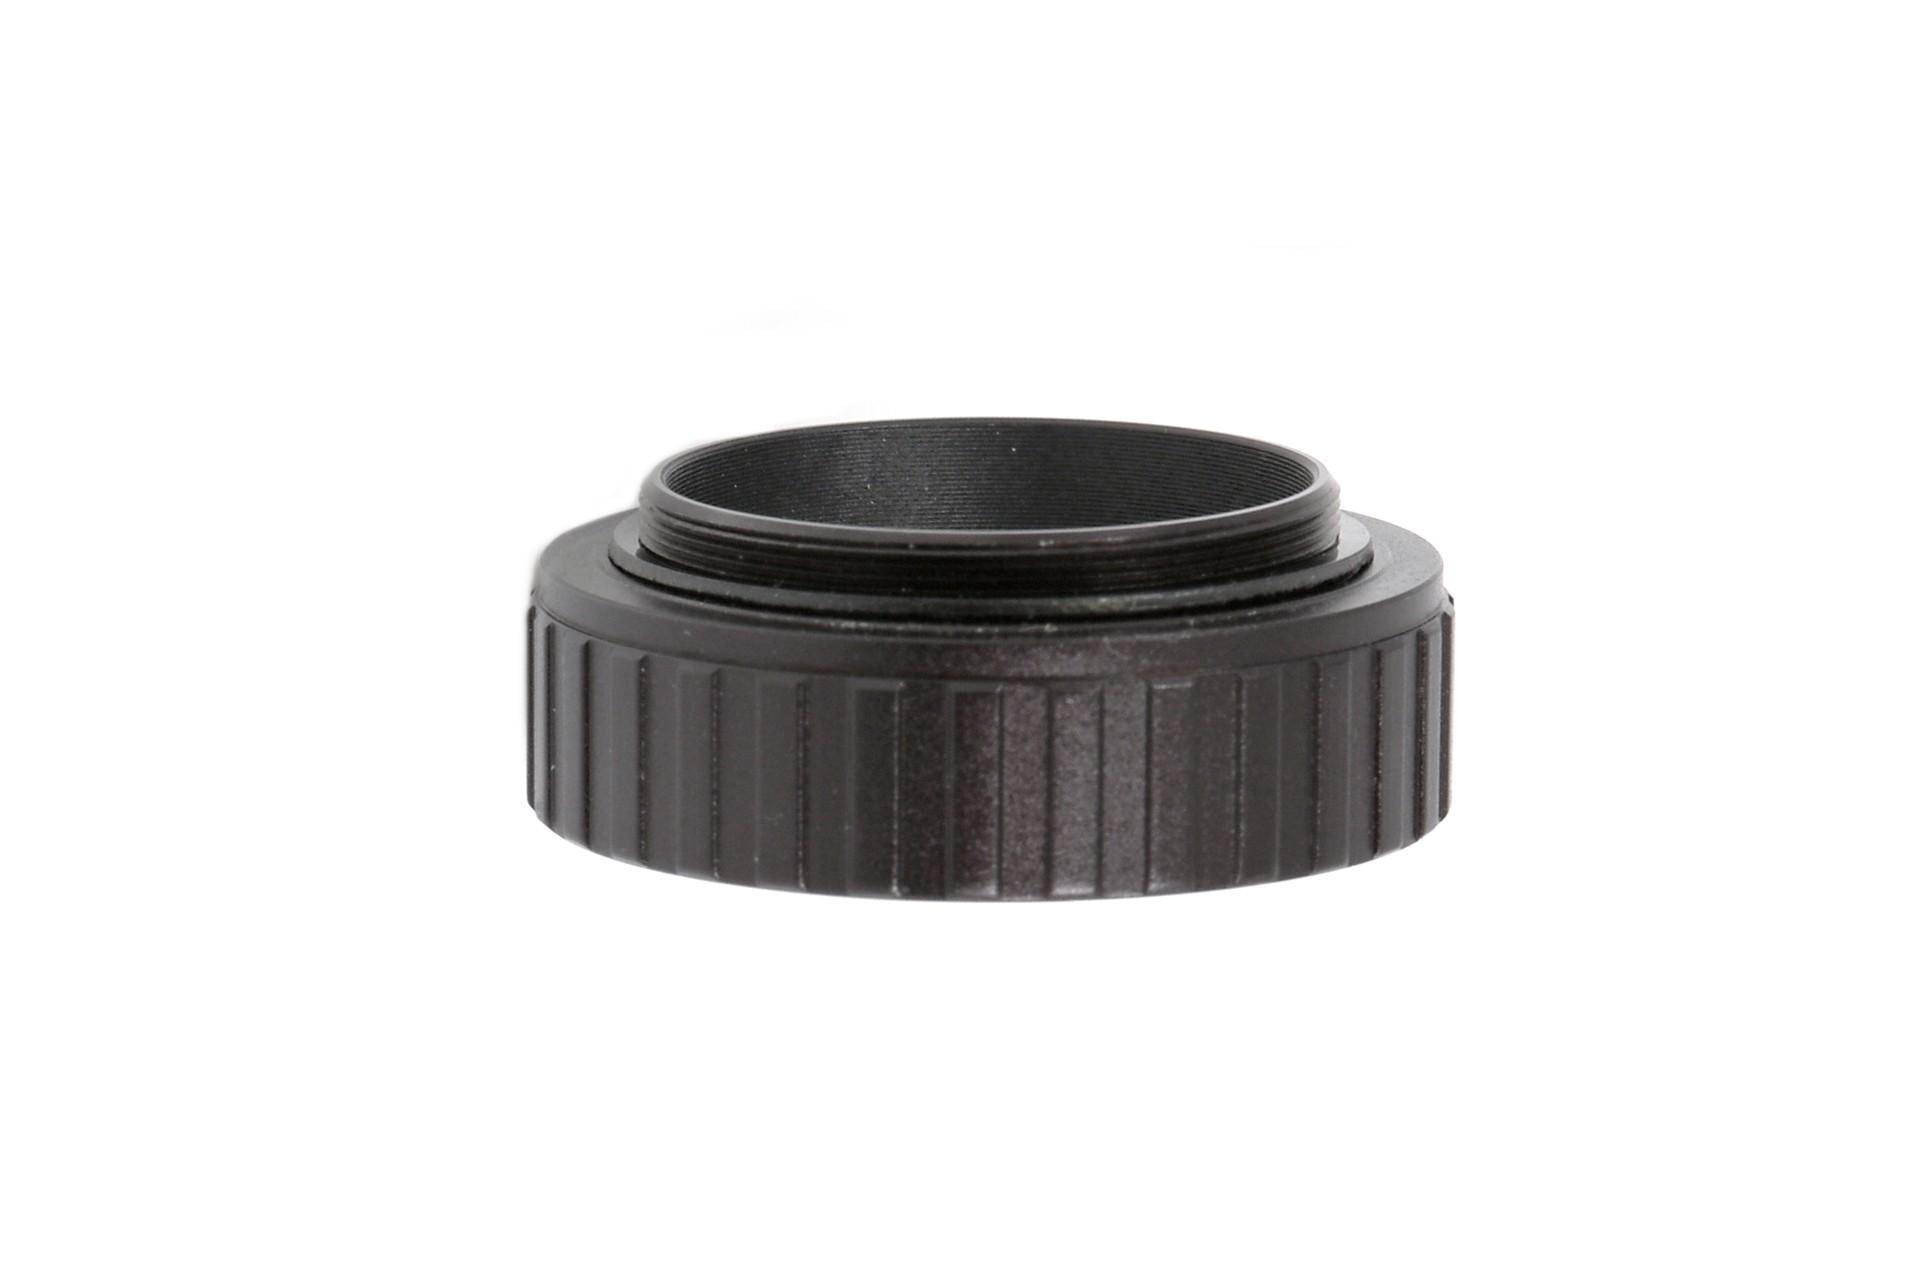 Drehbarer SC / HD auf T-2 Adapter, ultrakurz, 7mm Baulänge